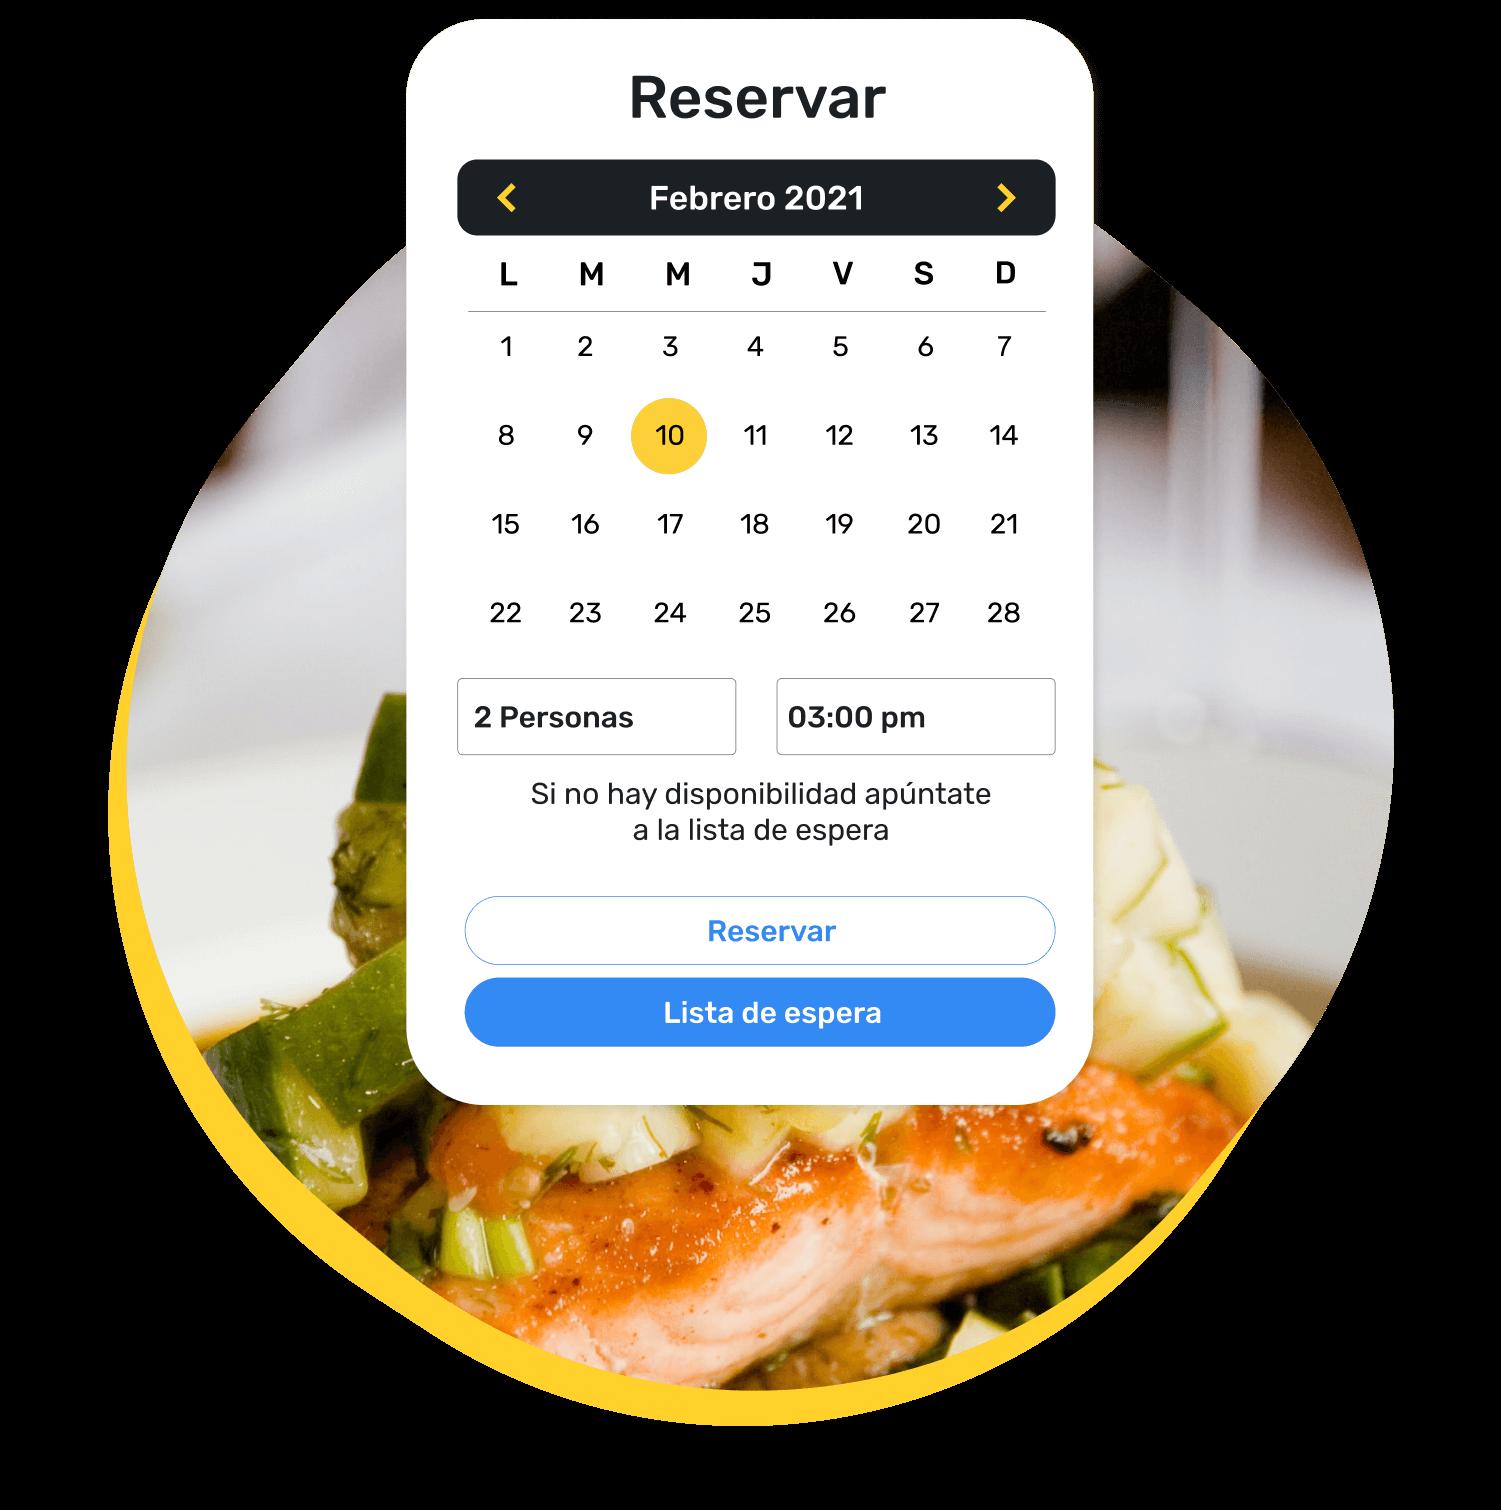 Motor de búsqueda de reservas propio, en el que el sistema informa al cliente de que, si no hay disponibilidad el día y hora que desea, puede apuntarse a la lista de espera.